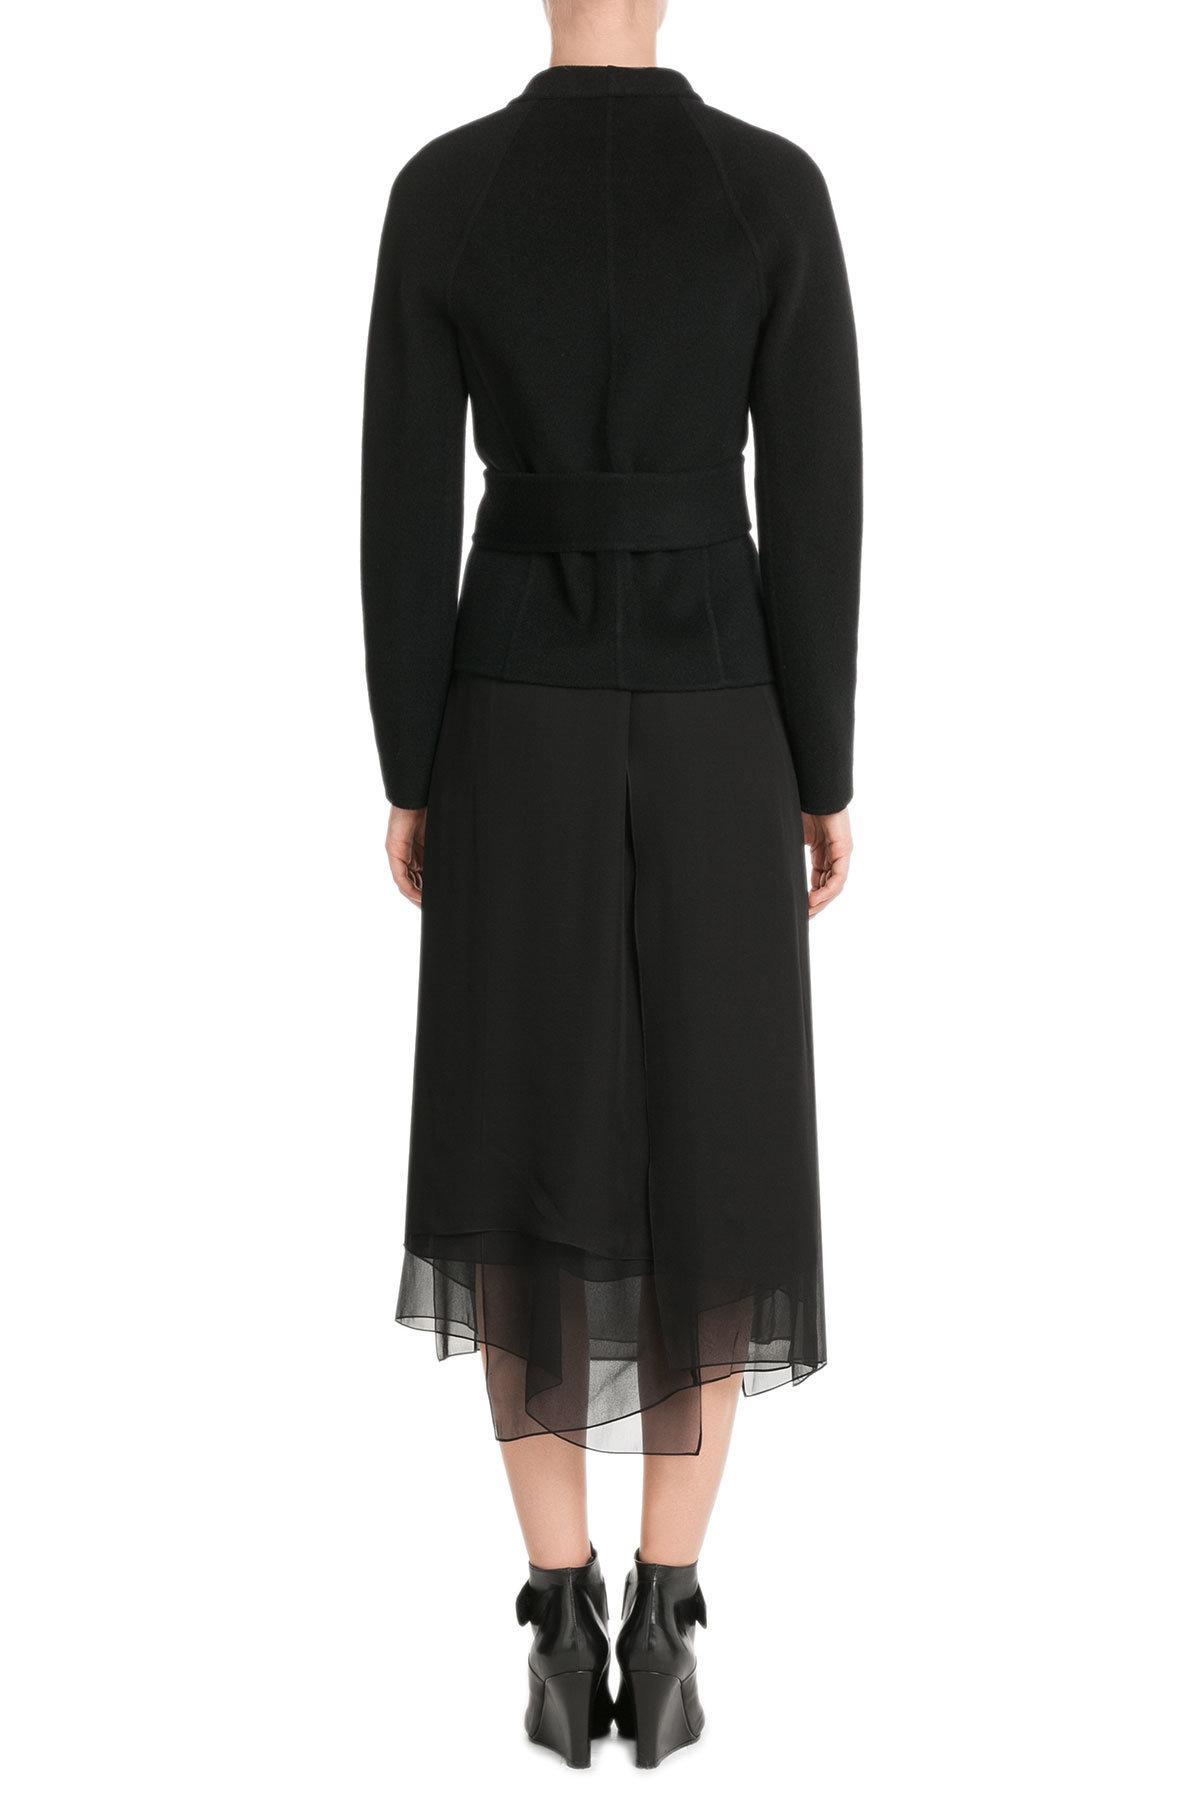 lyst donna karan cashmere jacket in black. Black Bedroom Furniture Sets. Home Design Ideas